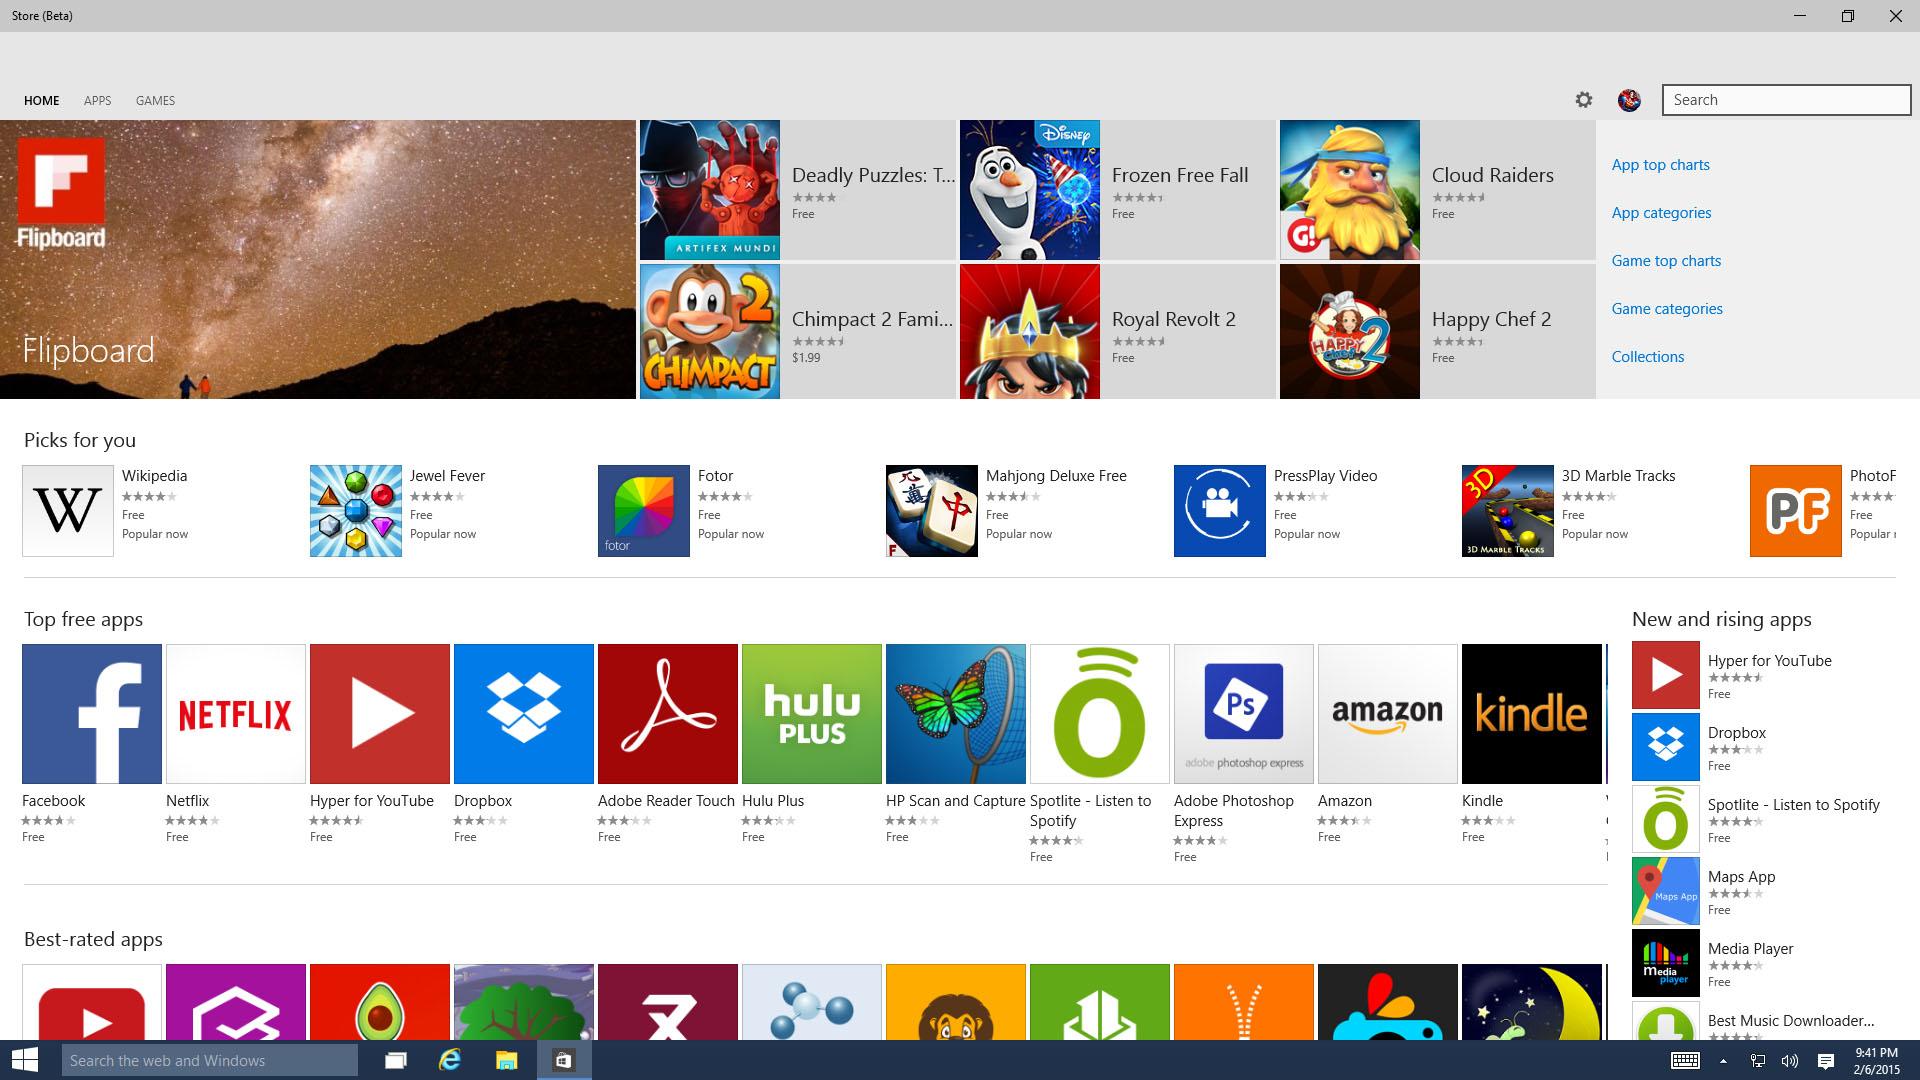 Le migliori applicazioni per Windows 10 1